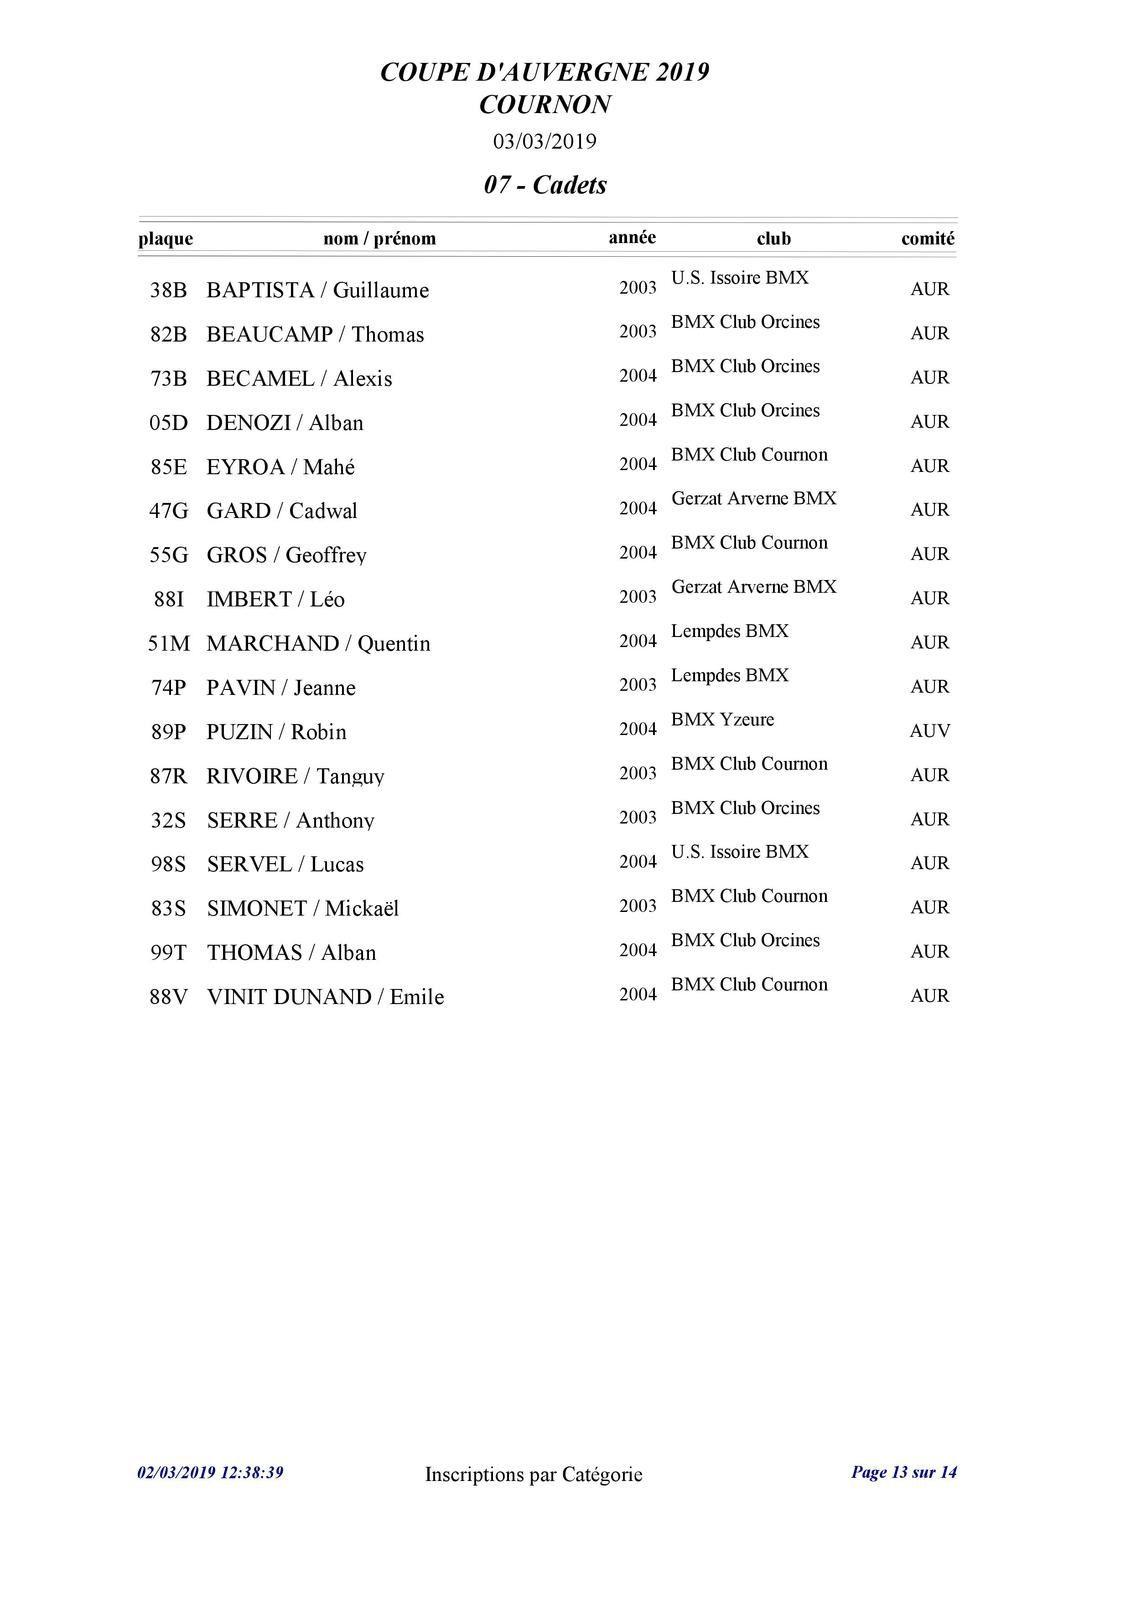 Liste complète des inscrits par catégorie pour Cournon le 3 mars